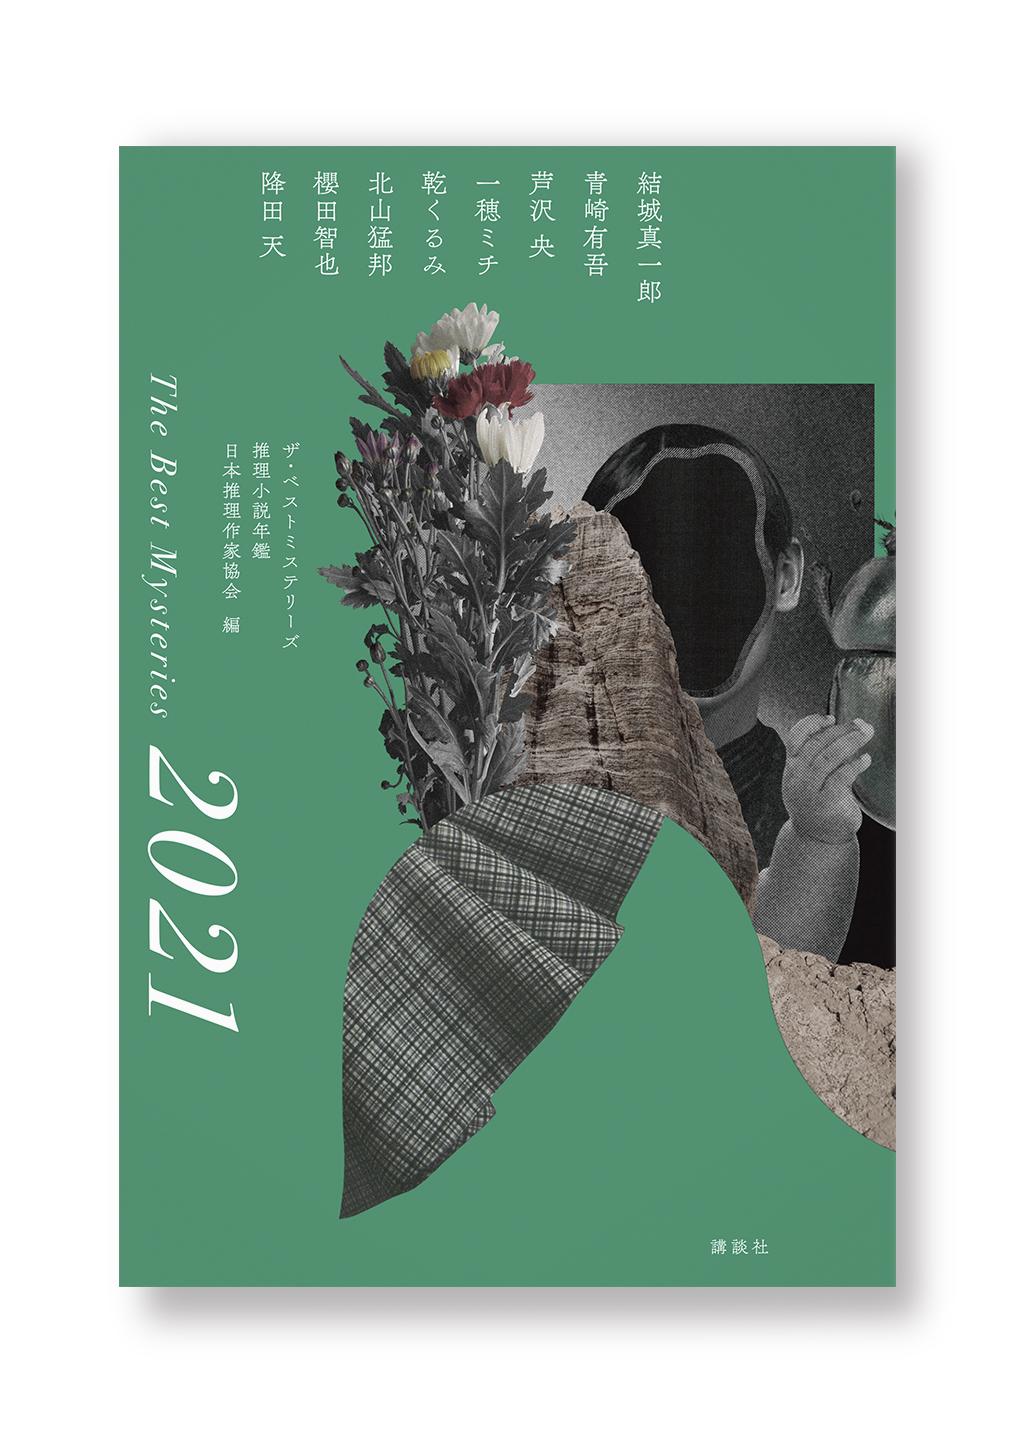 ザ・ベストミステリーズ2021 推理小説年鑑